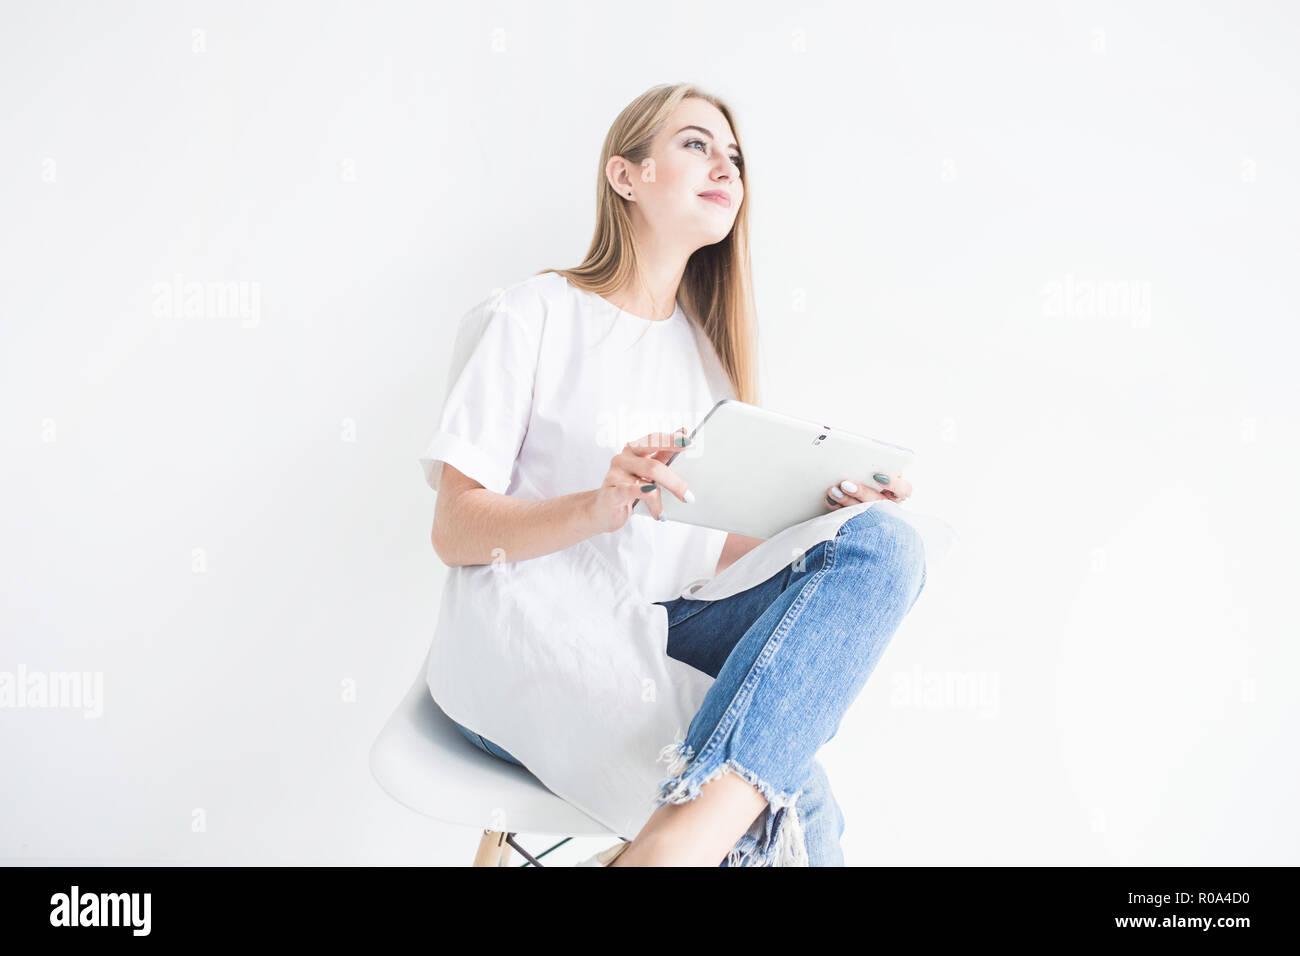 87290640f1 Retrato de una joven chica rubia elegante en una camiseta blanca y  pantalones de mezclilla con una tableta sobre un fondo blanco.